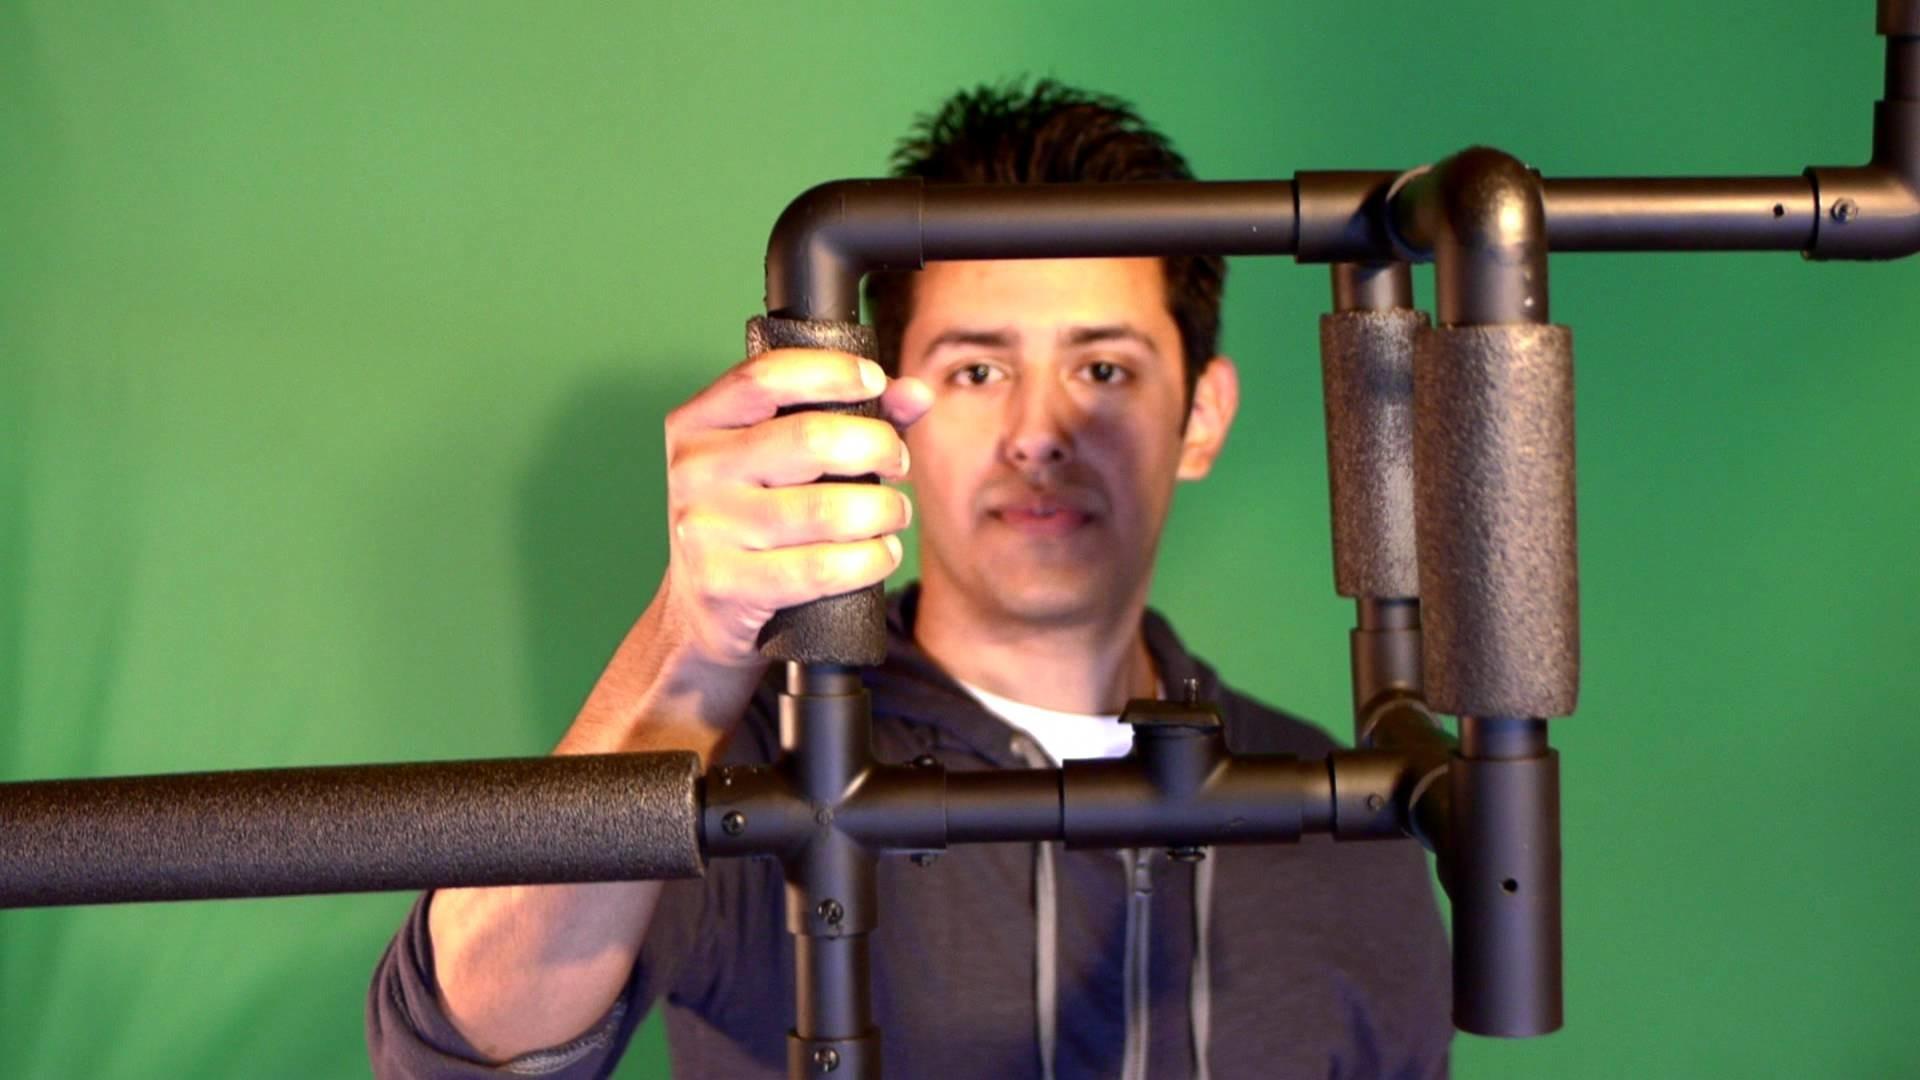 How To Make a Steadicam Stabilizer DIY - Trick Rig